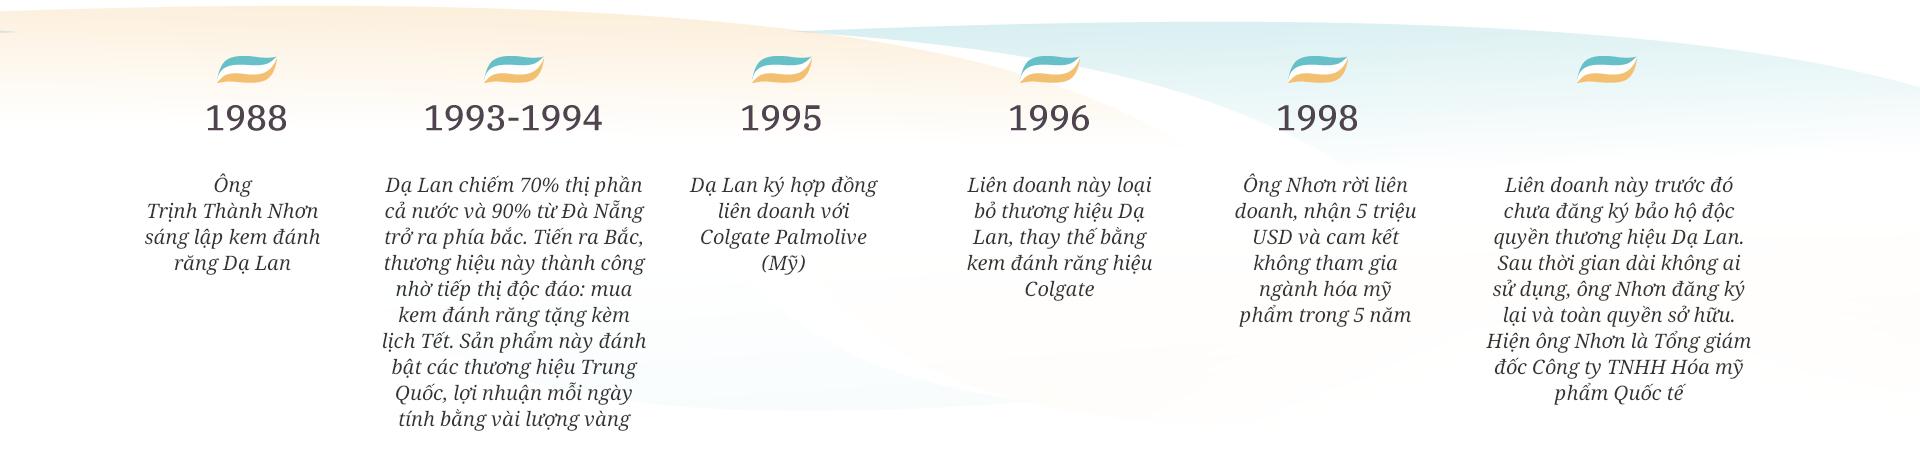 Ông chủ kem đánh răng Dạ Lan: Liên doanh với Colgate là sai lầm lớn nhất đời tôi 4 2426 1555765066